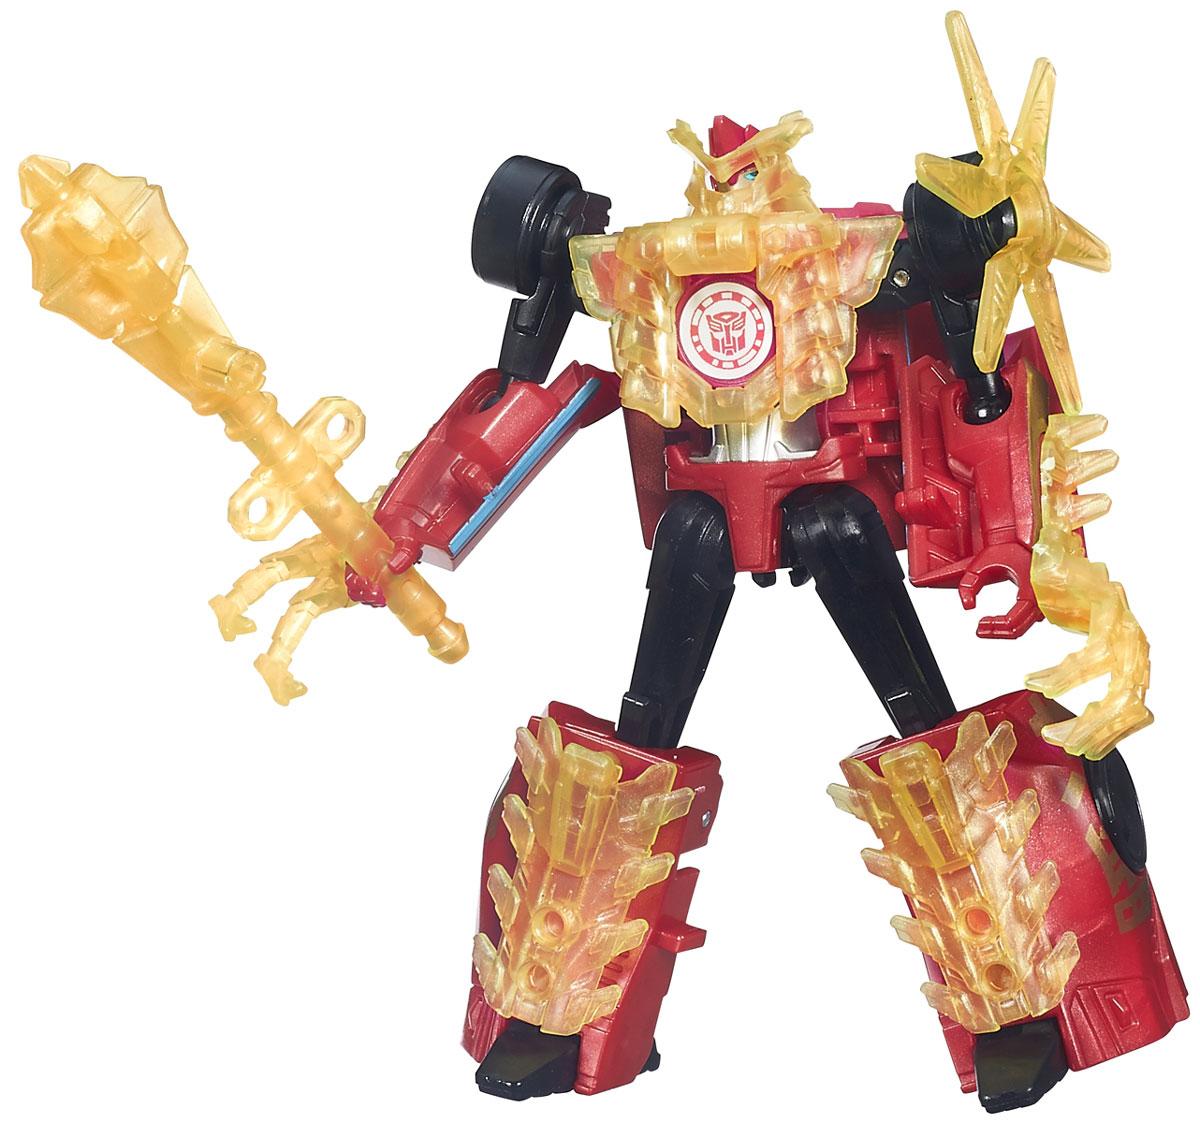 Transformers Трансформер Sideswipe Vs Decepticon AnvilB4713_B4715Трансформер Transformers Sideswipe Vs Decepticon Anvil - это два трансформера - Сайдсвайп и Энвил. Роботы легко трансформируются за несколько секунд. Трансформация роботов происходит в несколько шагов, после чего Sideswipe превращается в гоночный автомобиль, а Decepticon Anvil в шар. Также в набор входят детали, из которых можно собрать мощное оружие или непробиваемую броню для Sideswipe. Игрушки изготовлены из прочного и высококачественного пластика.